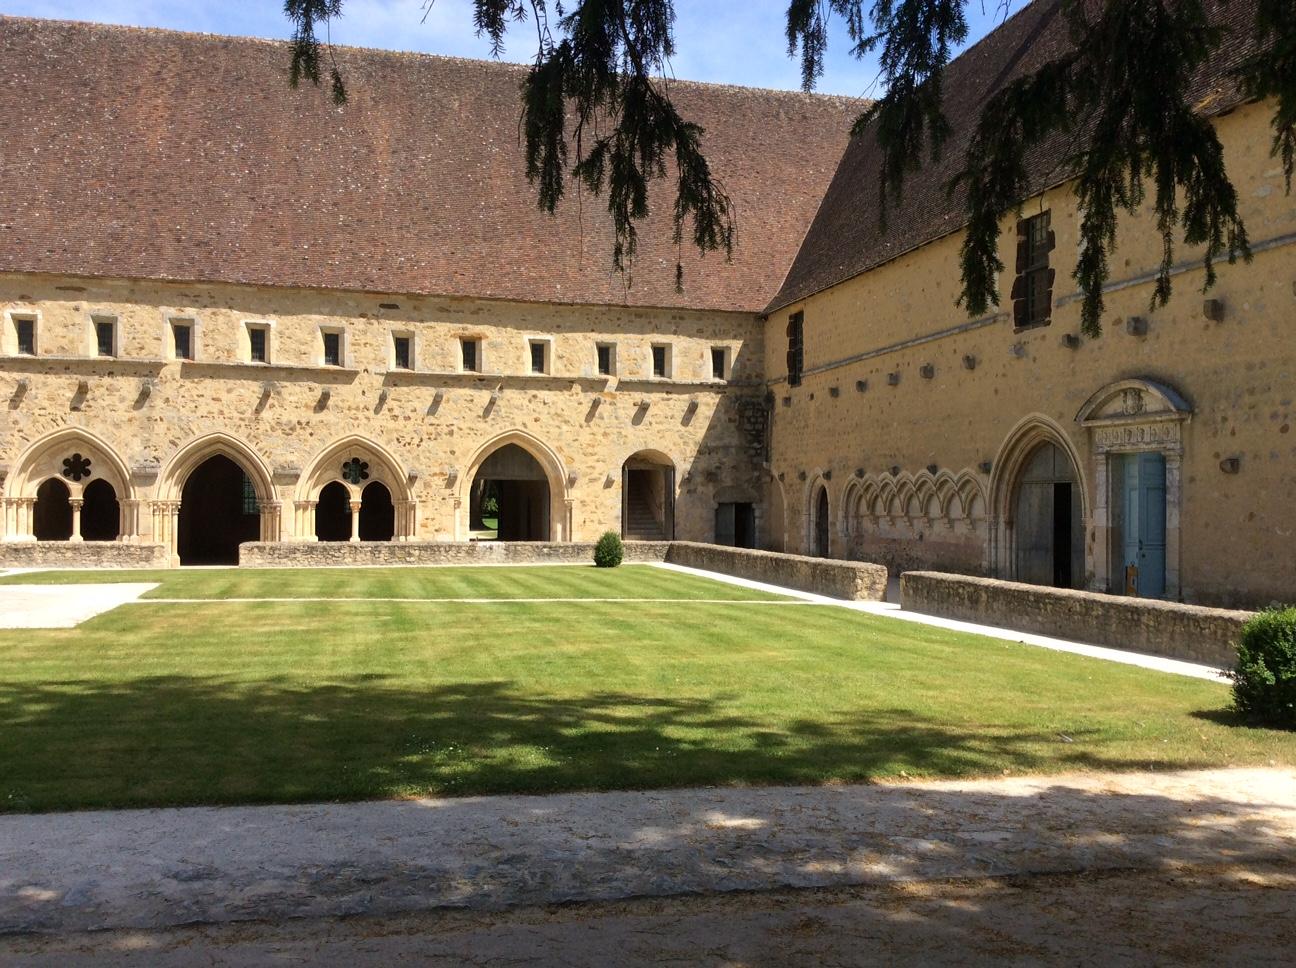 Vue du cloître vers le scriptorium - abbaye de l'Epau